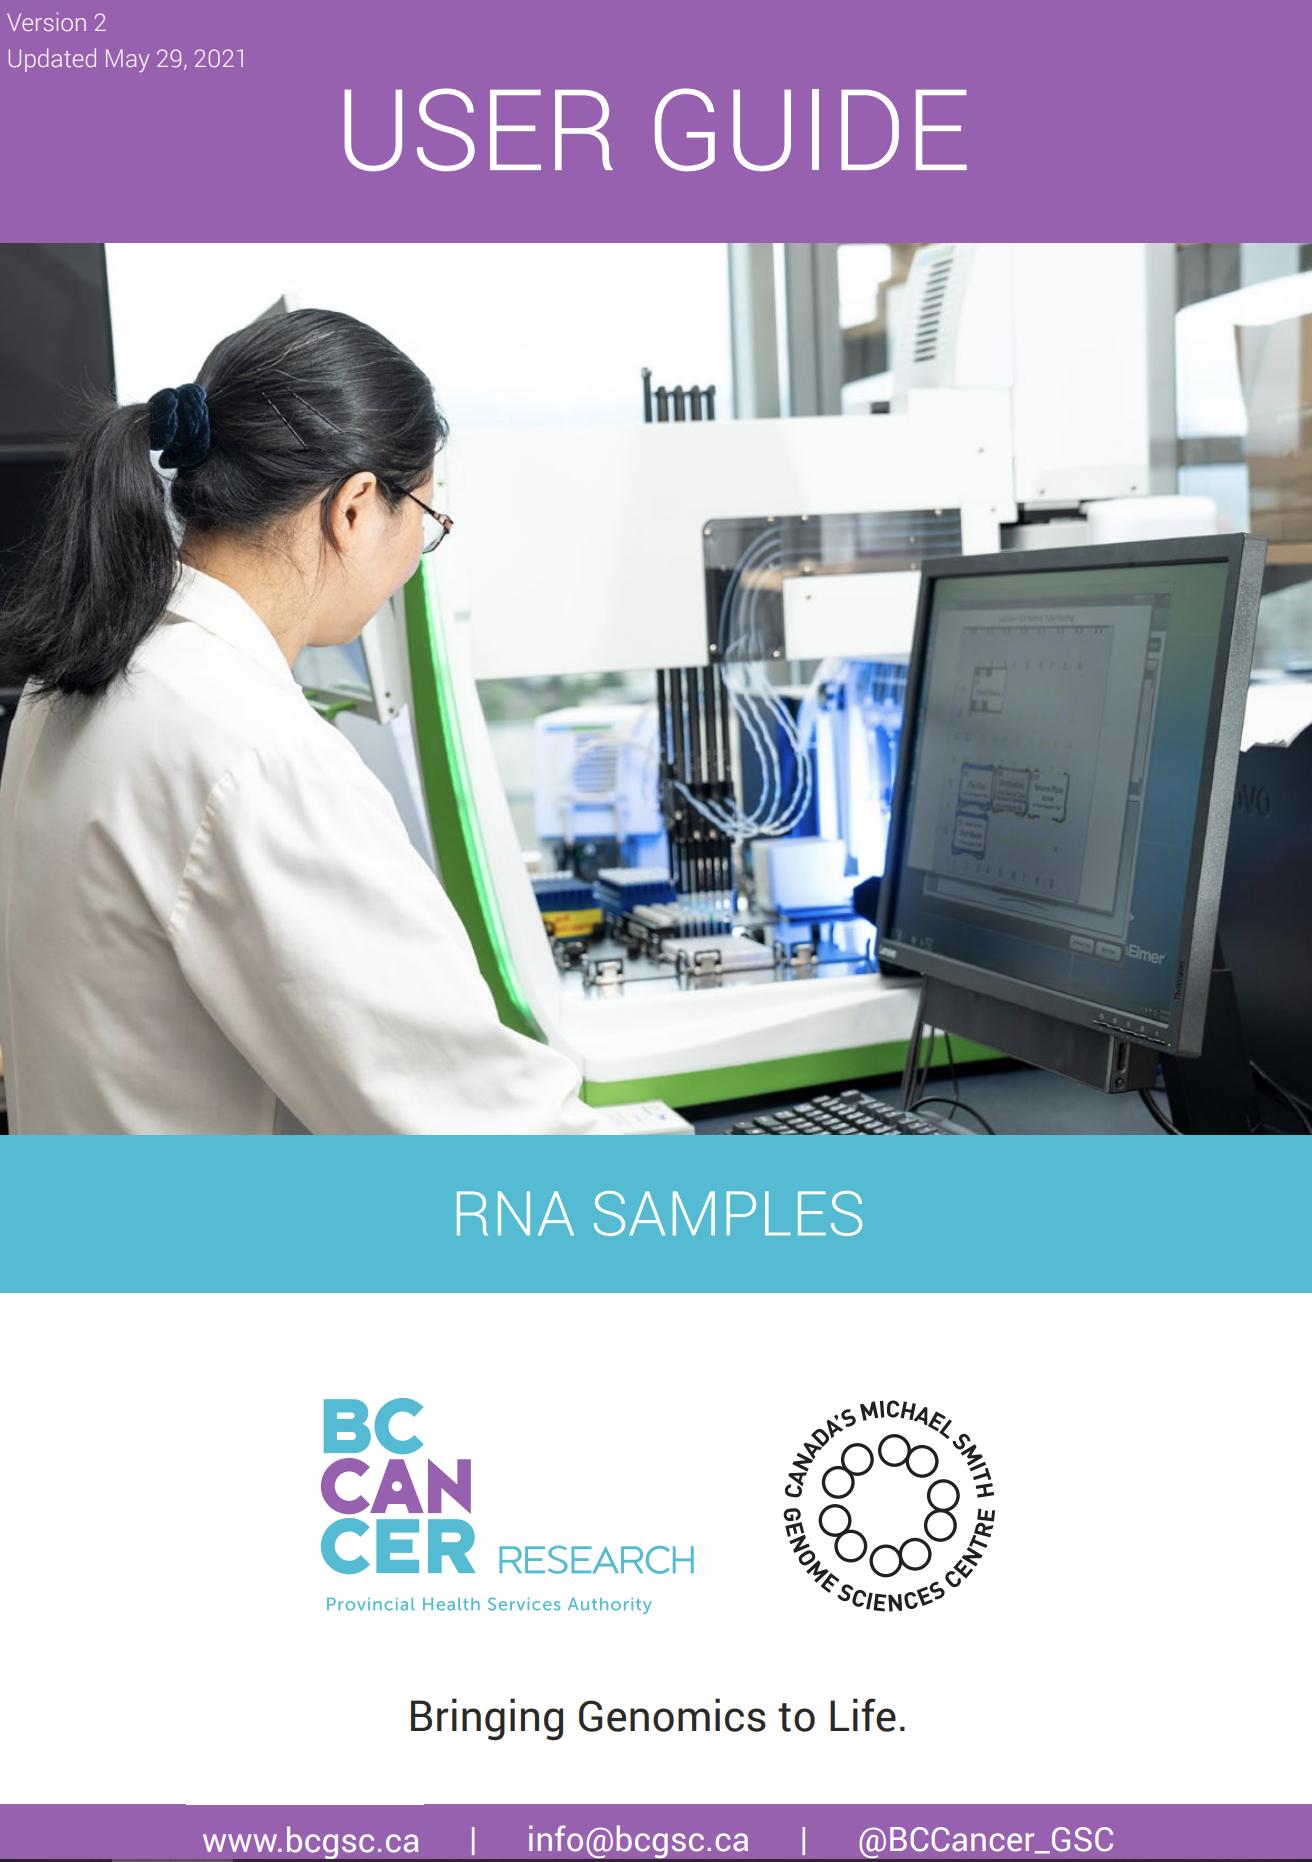 RNA Samples